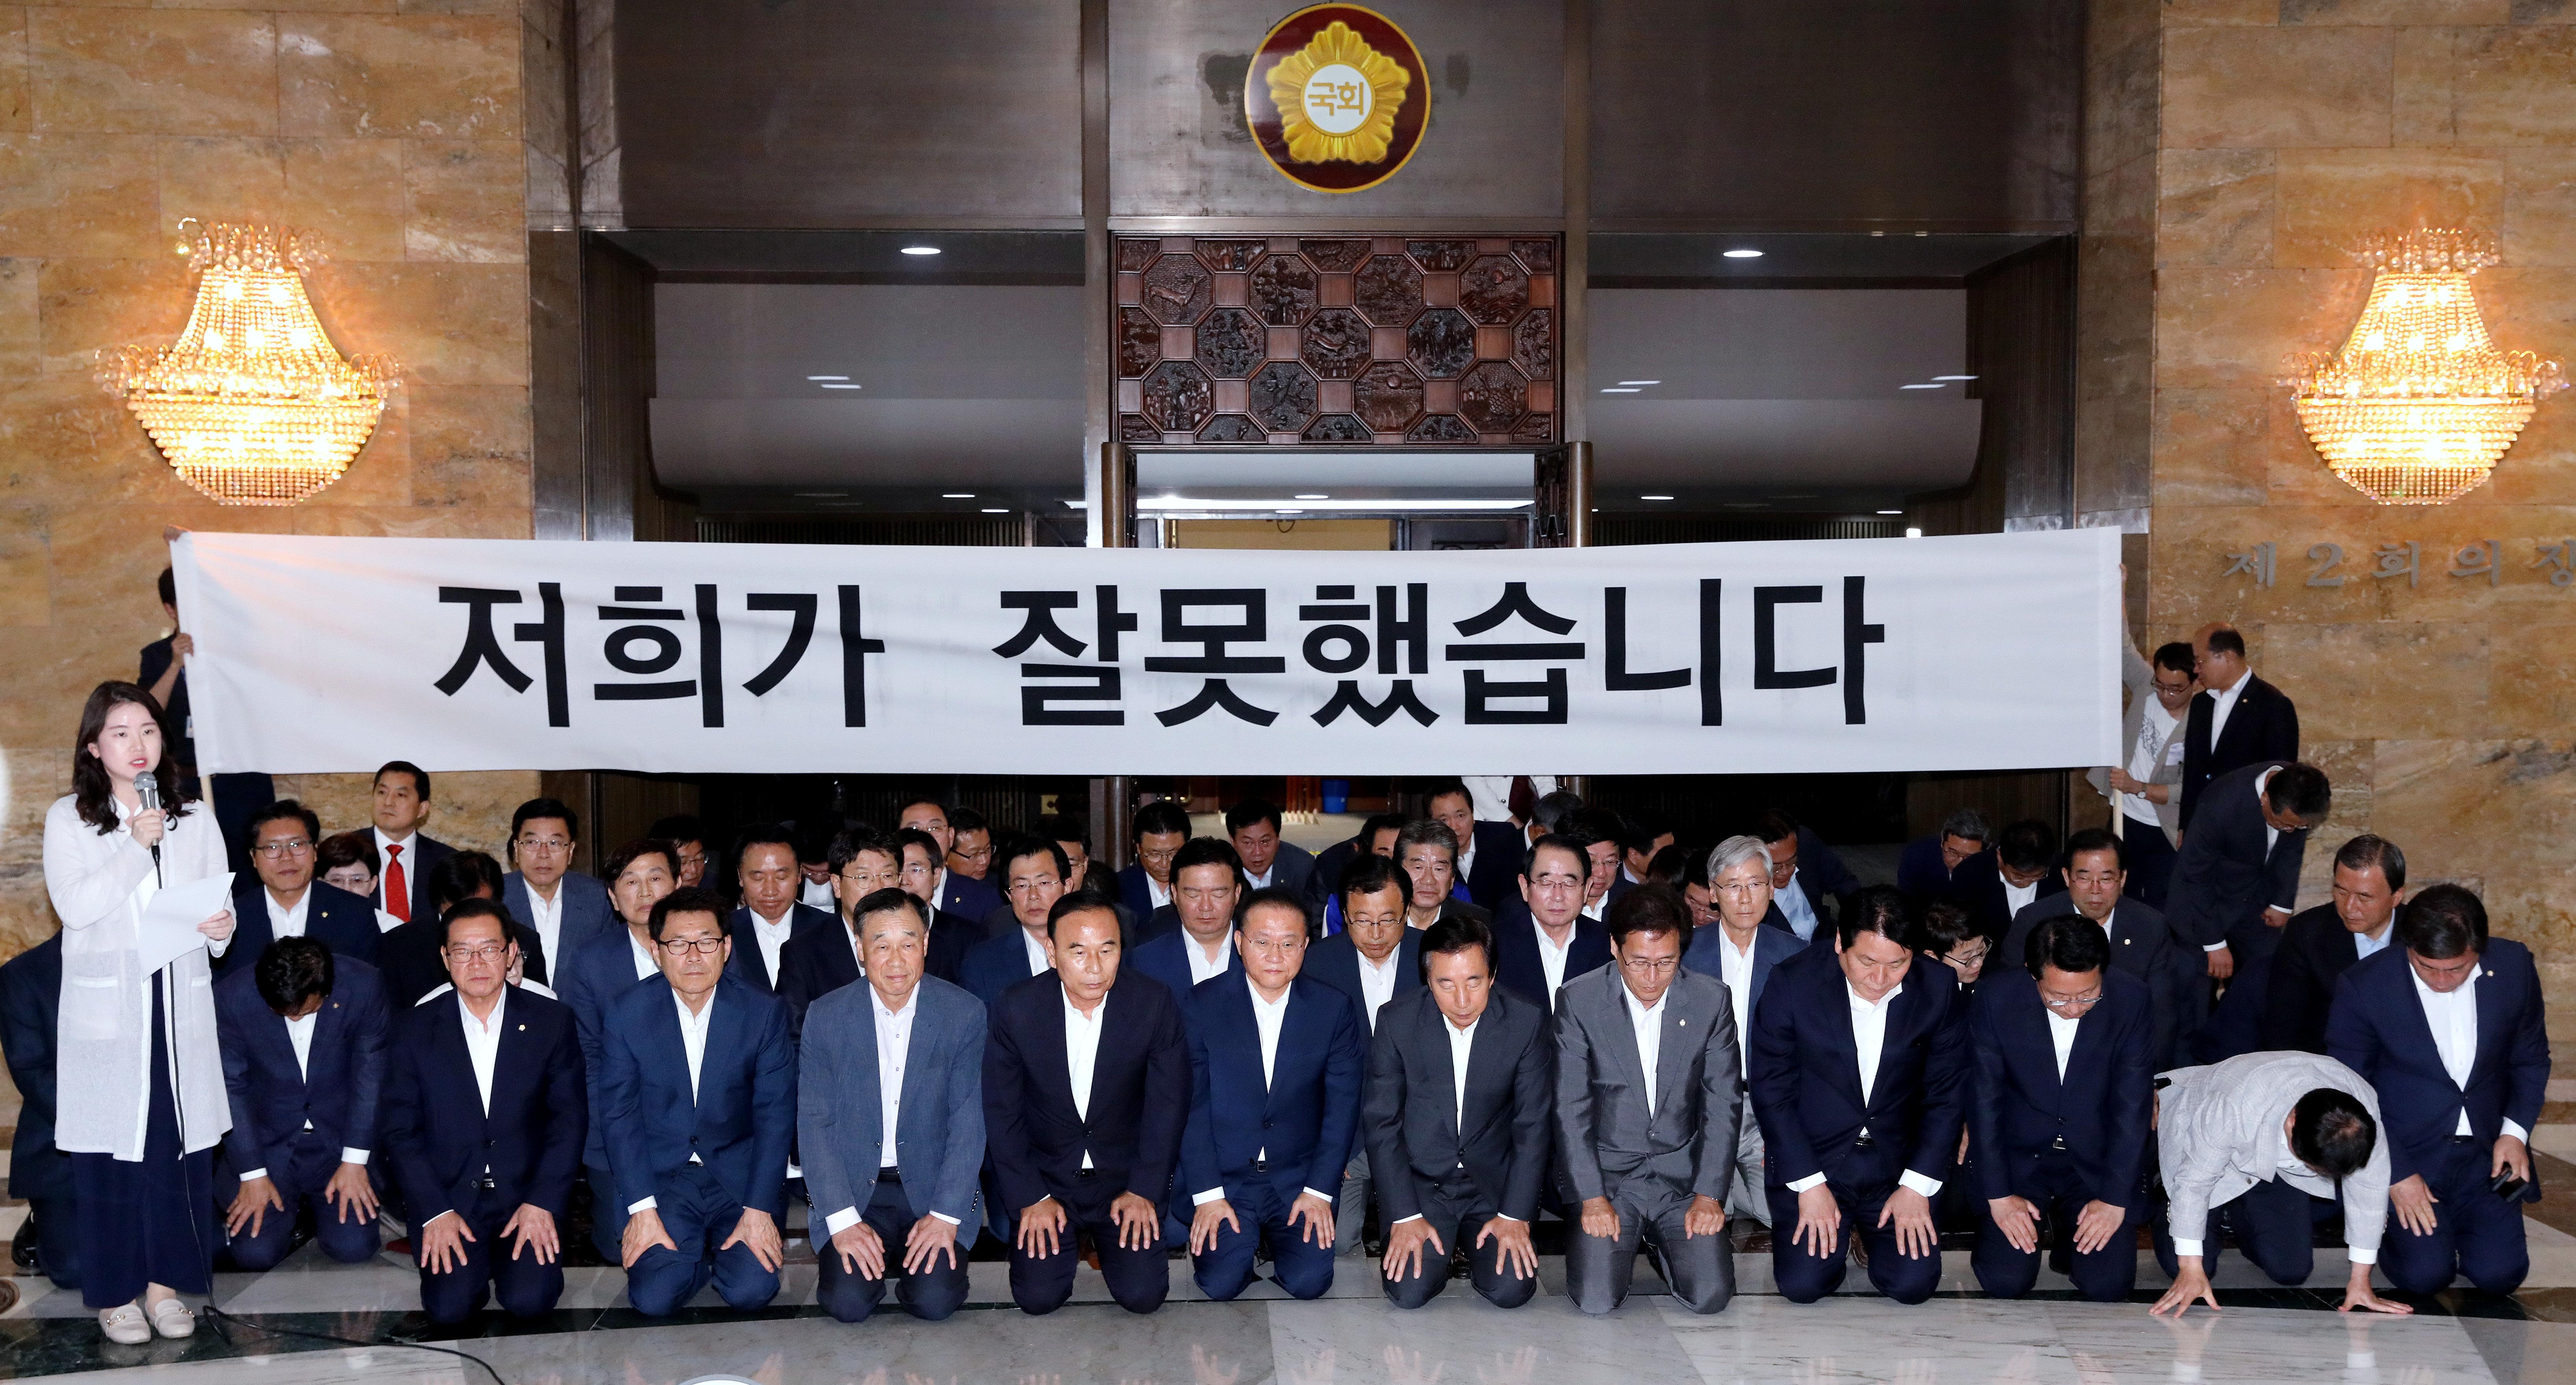 북한의 지방선거 평가에는 '송장'이라는 단어가